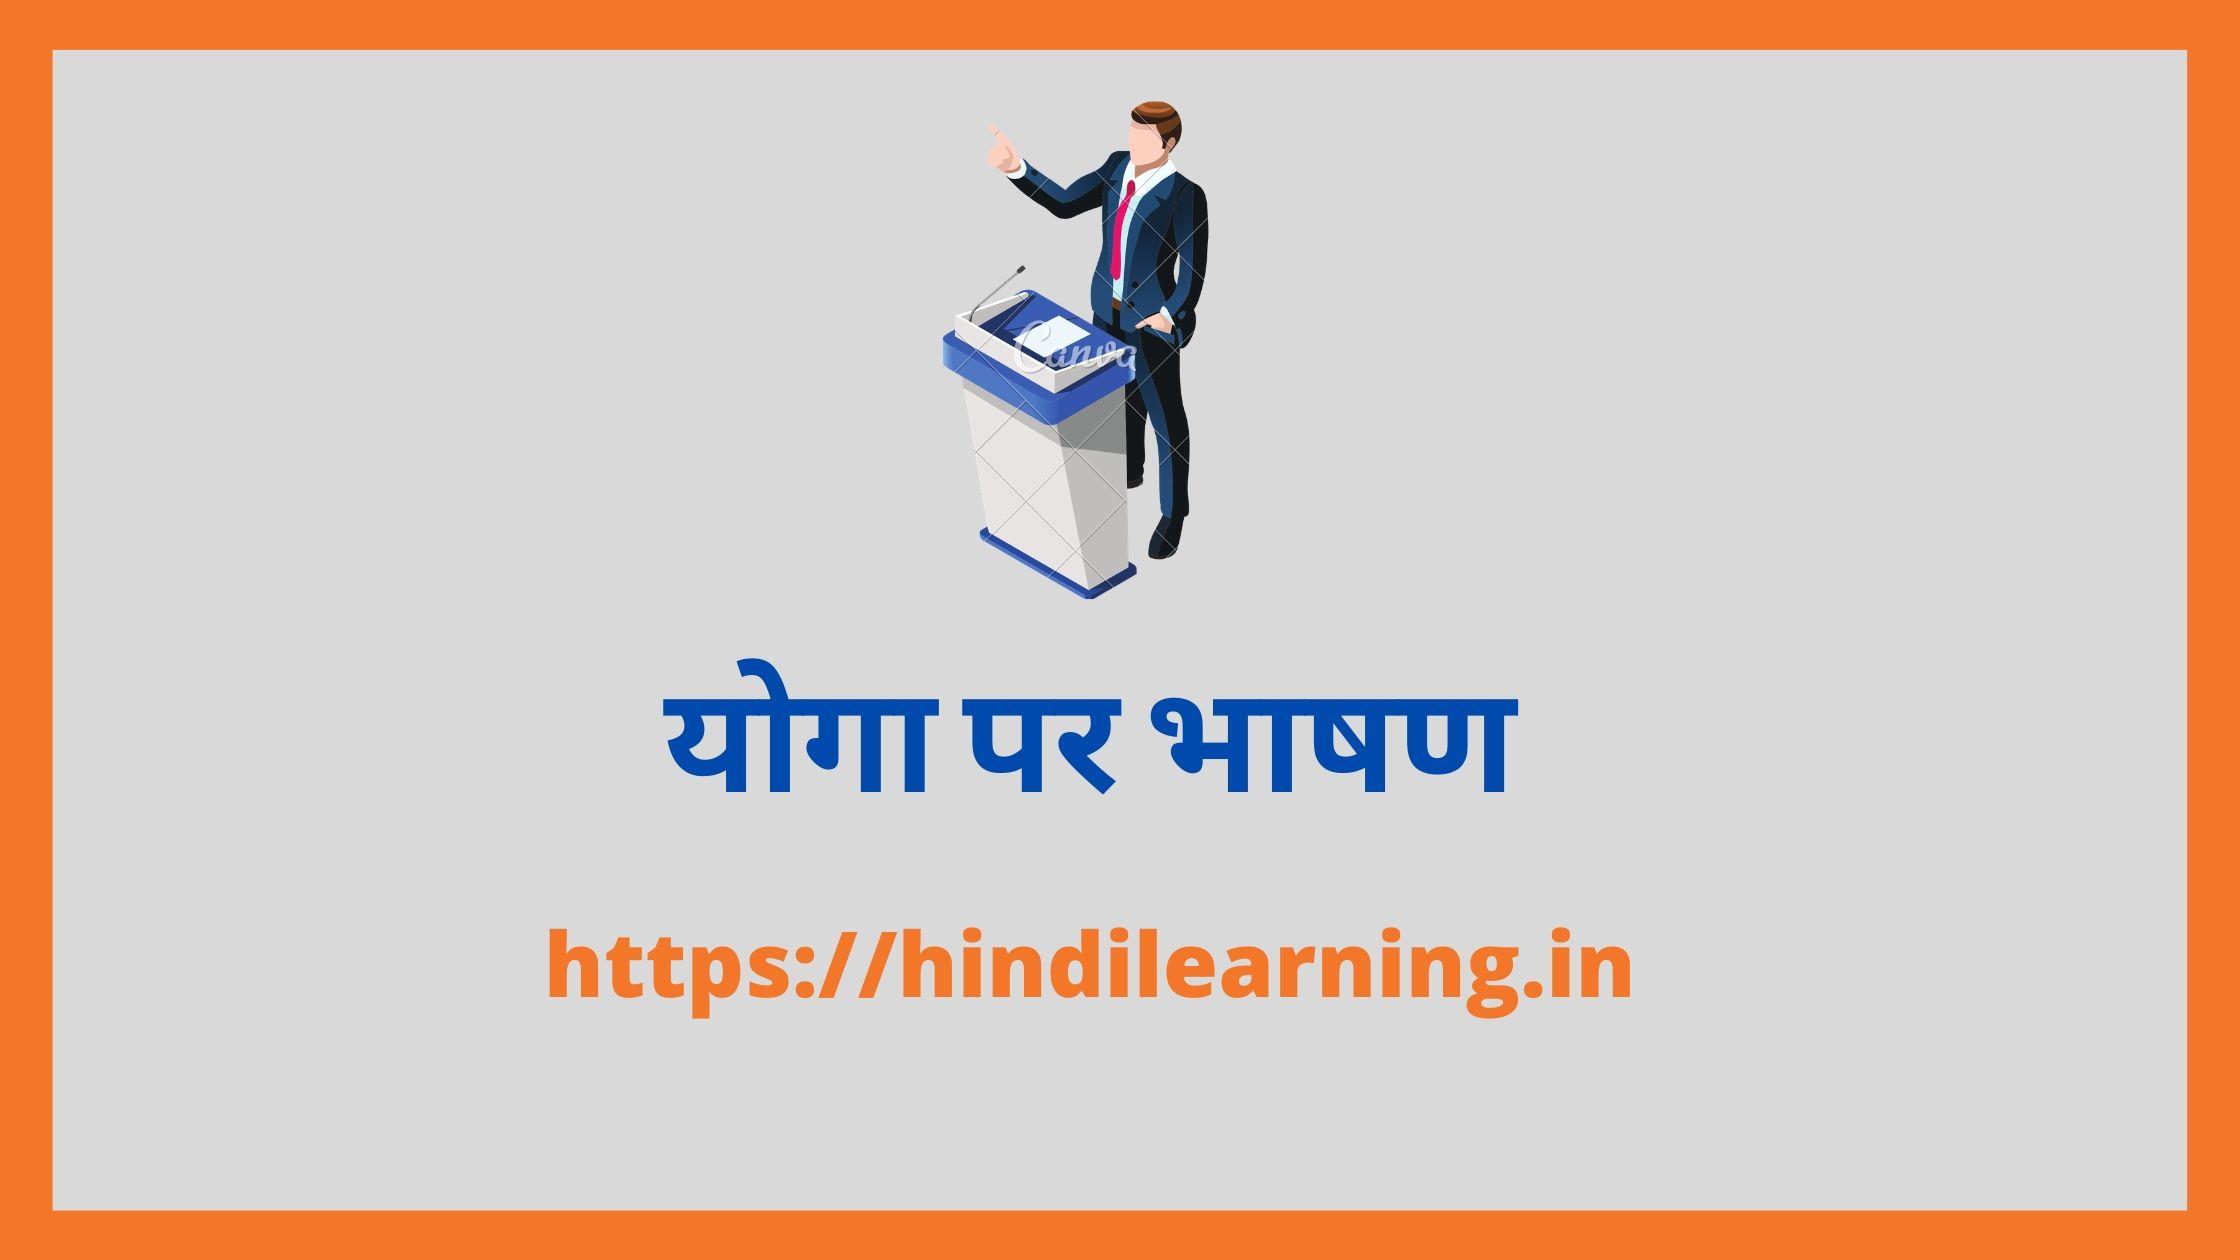 योगा पर भाषण - Speech on Yoga in Hindi